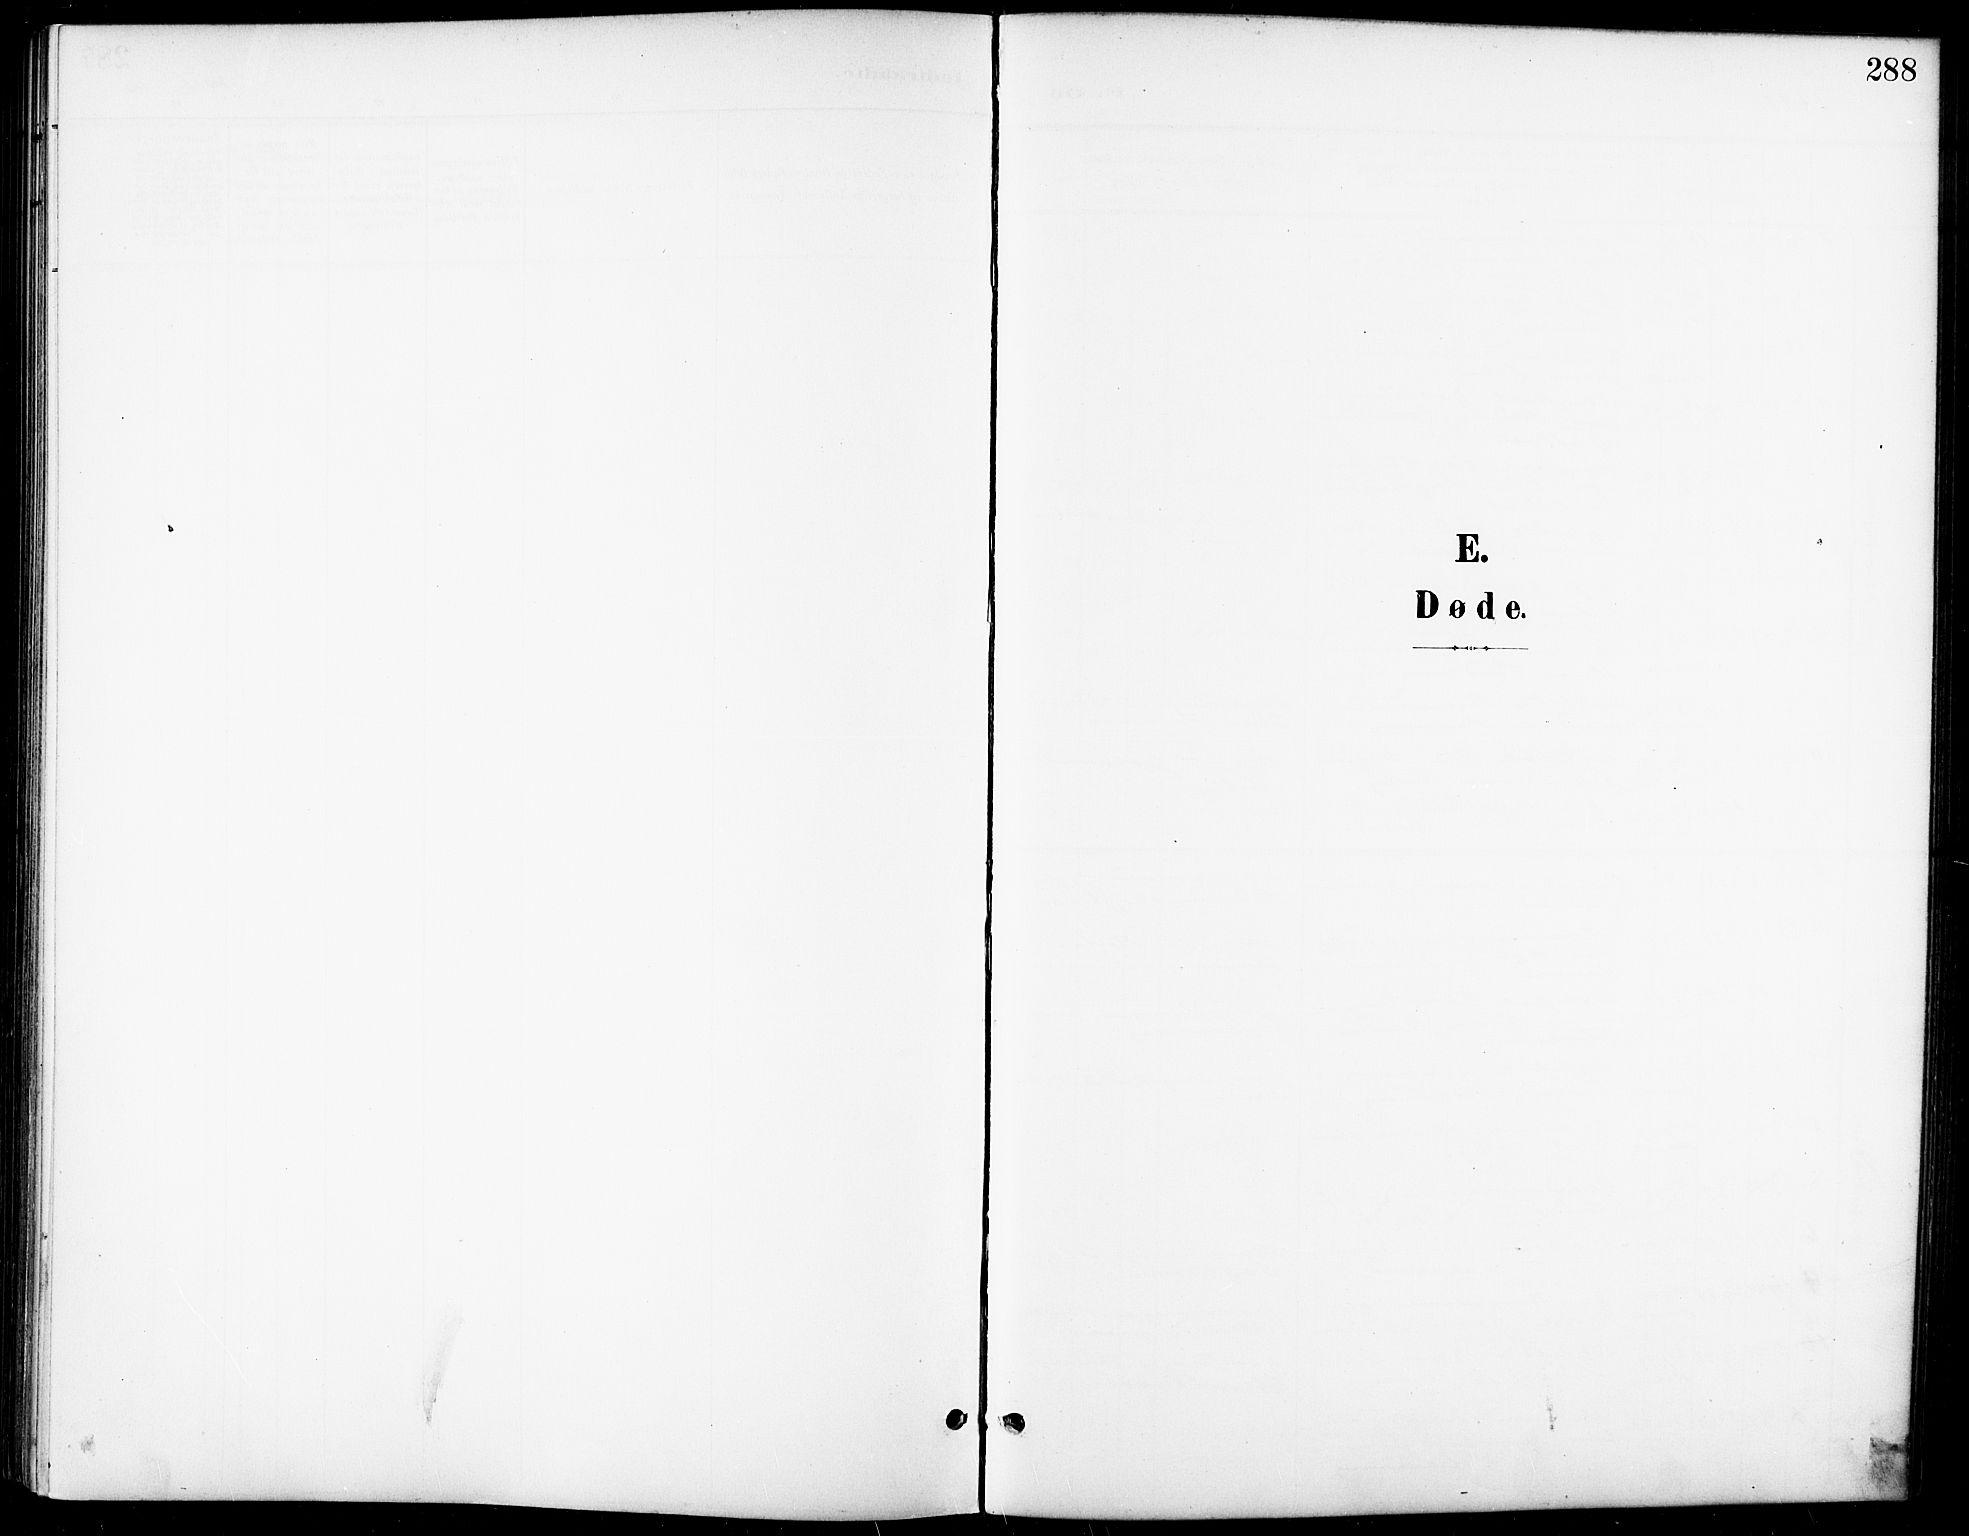 SAT, Ministerialprotokoller, klokkerbøker og fødselsregistre - Sør-Trøndelag, 668/L0819: Klokkerbok nr. 668C08, 1899-1912, s. 288